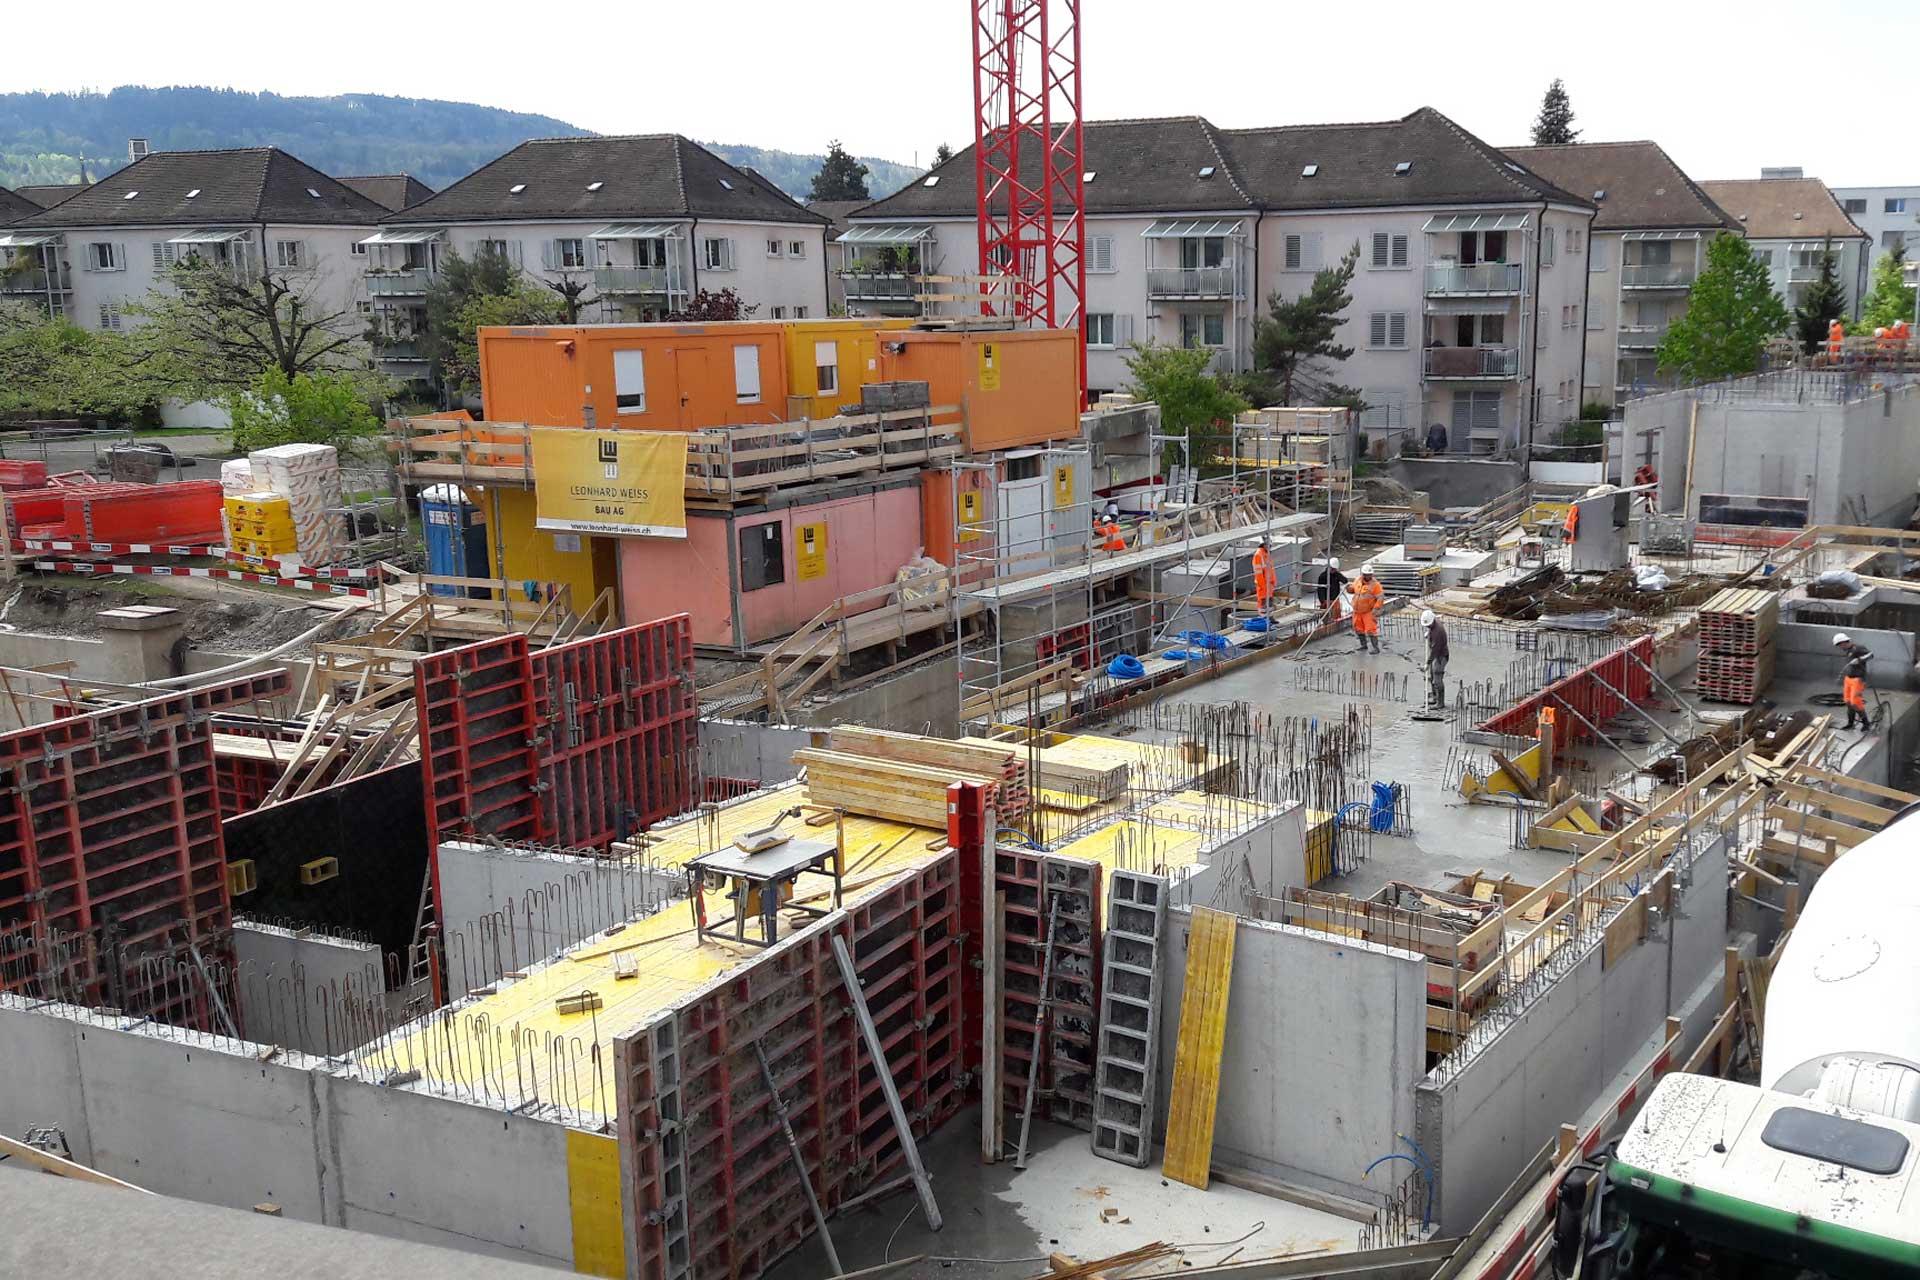 Referenzen, Kanton Zürich, Wohnüberbauung Luggweg